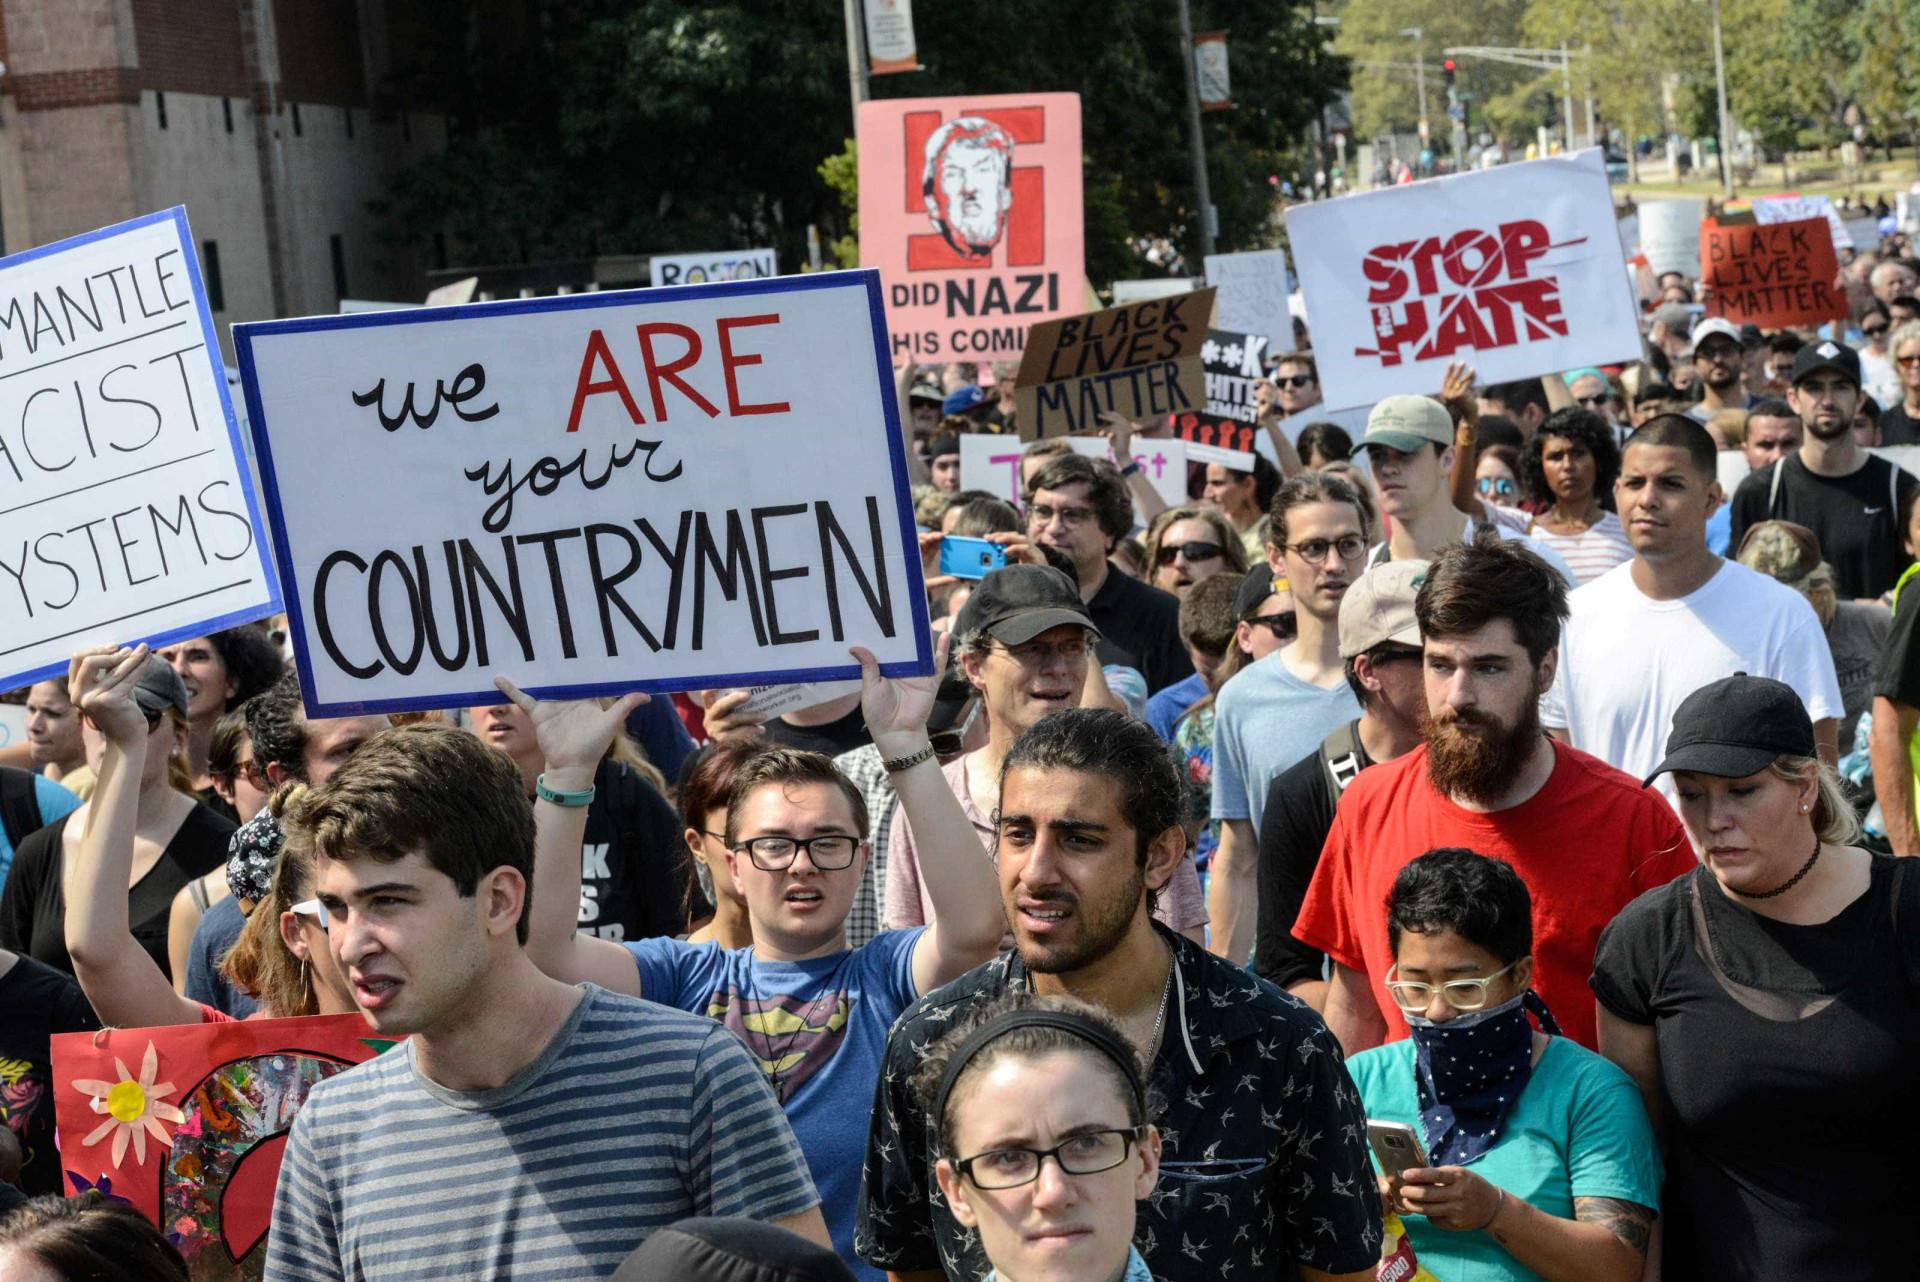 Milhares de manifestantes contra o racismo em Boston